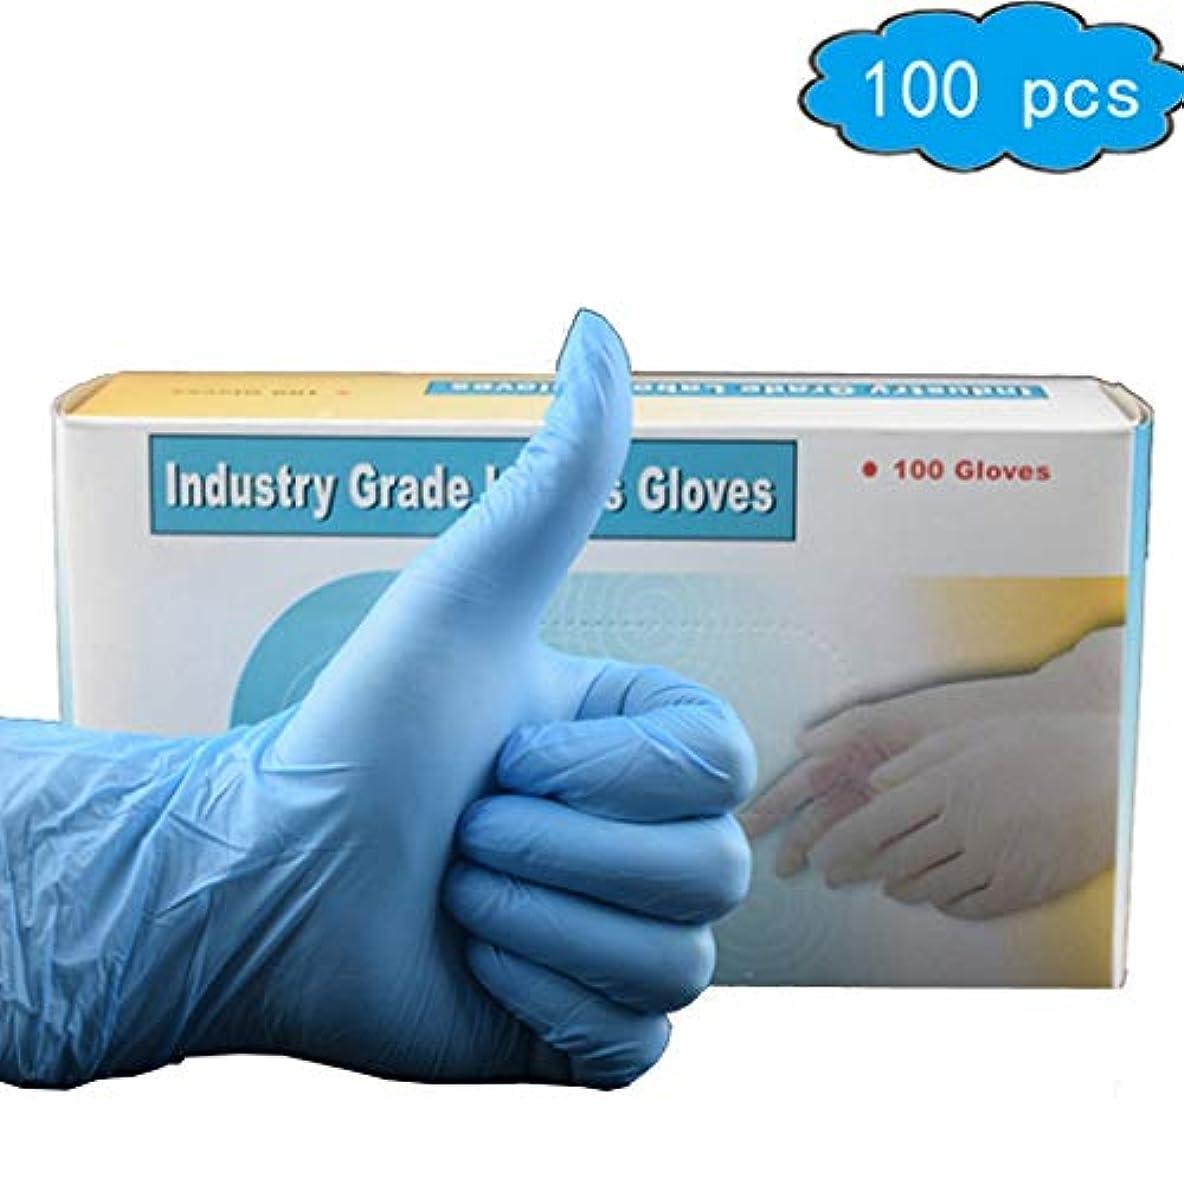 宣言シェーバー貢献する使い捨て手袋、子供用使い捨て手袋、子供用ニトリル手袋 - 粉末なし、ラテックスなし、無臭、食品等級、アレルギー、質感のある指 - 100PCSブルー (Color : Blue, Size : L)